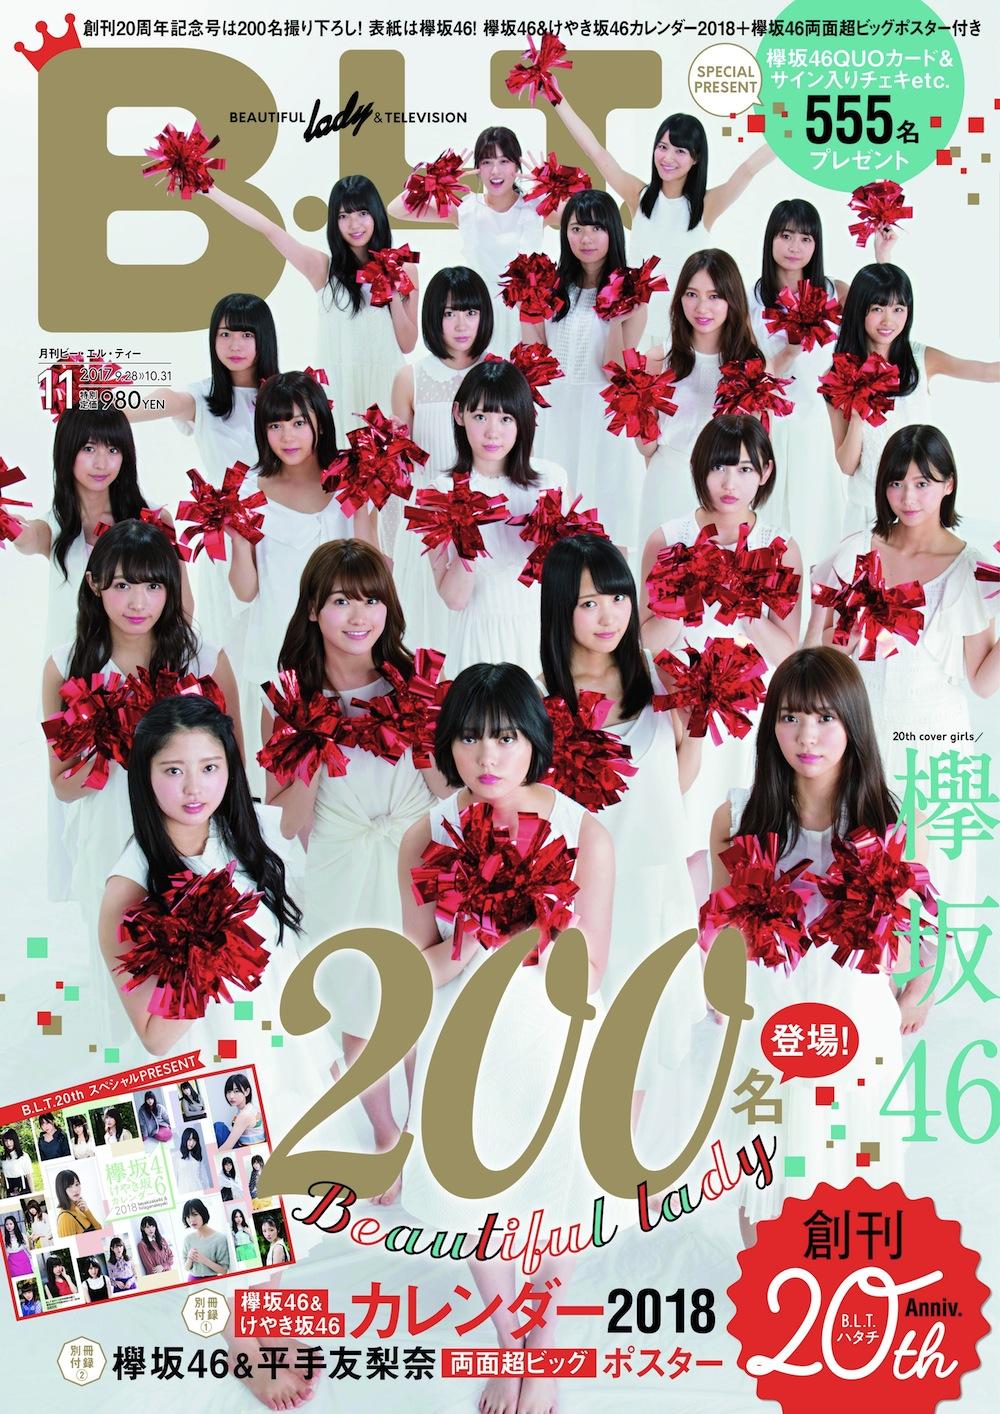 欅坂46 B.L.T 表紙